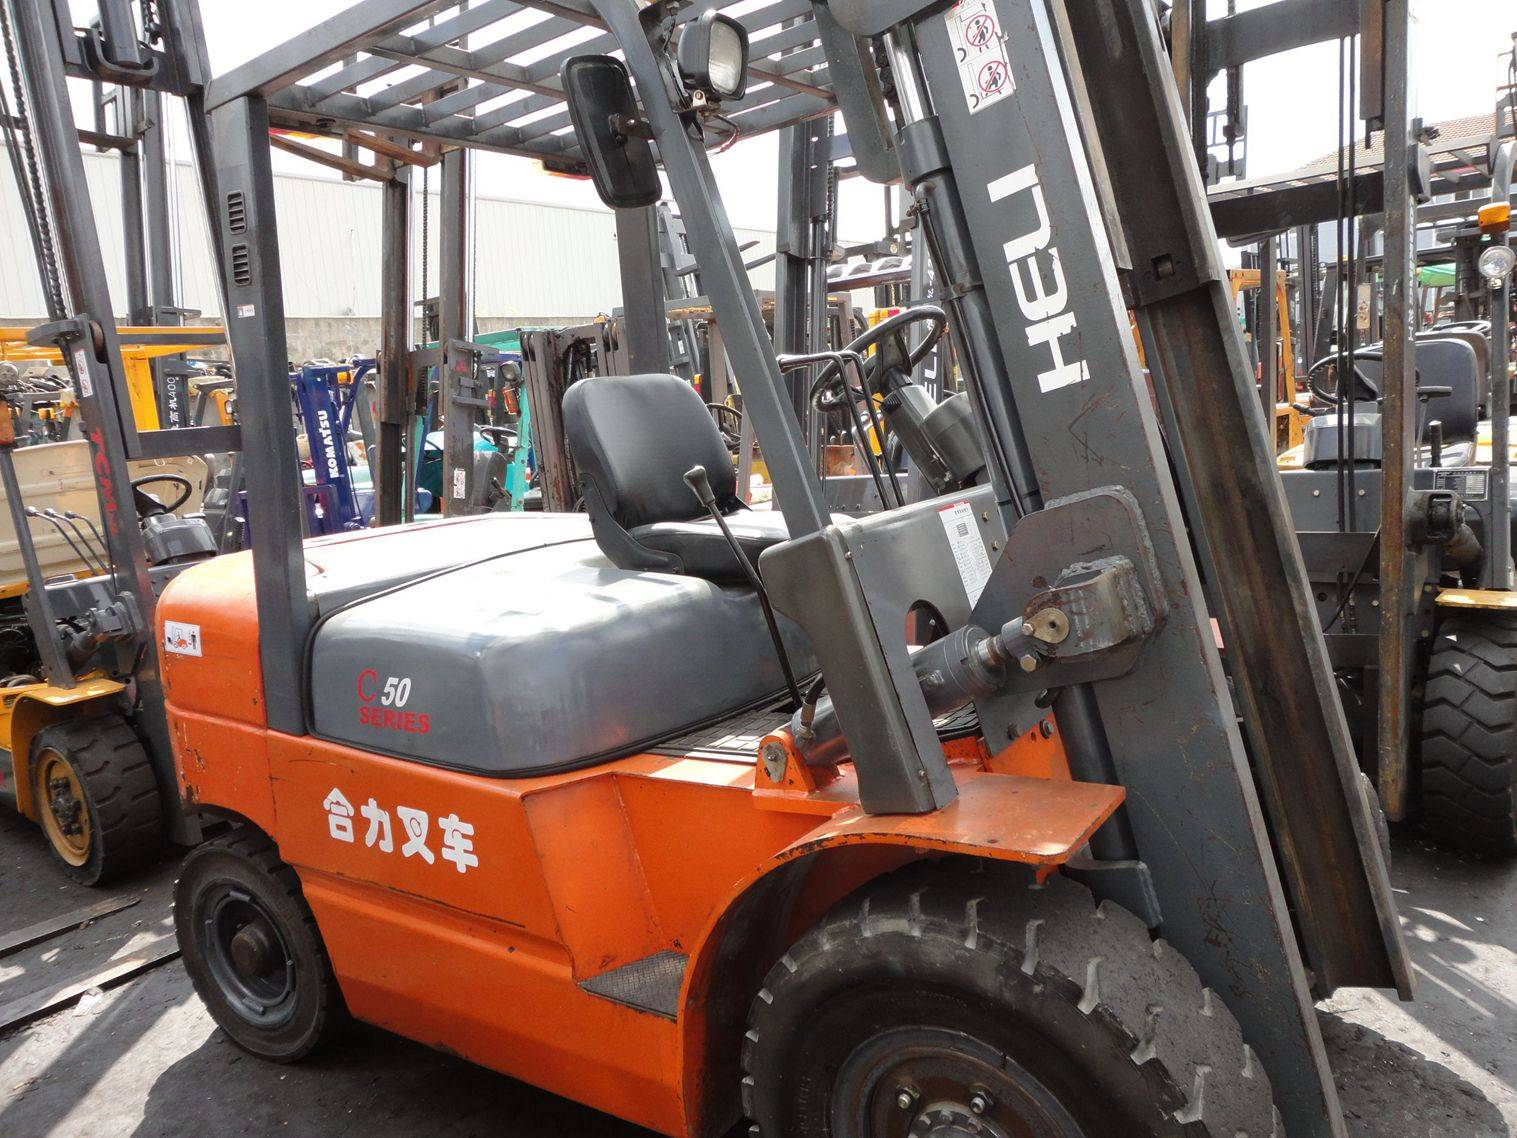 Used  Heli 5t used Forklift